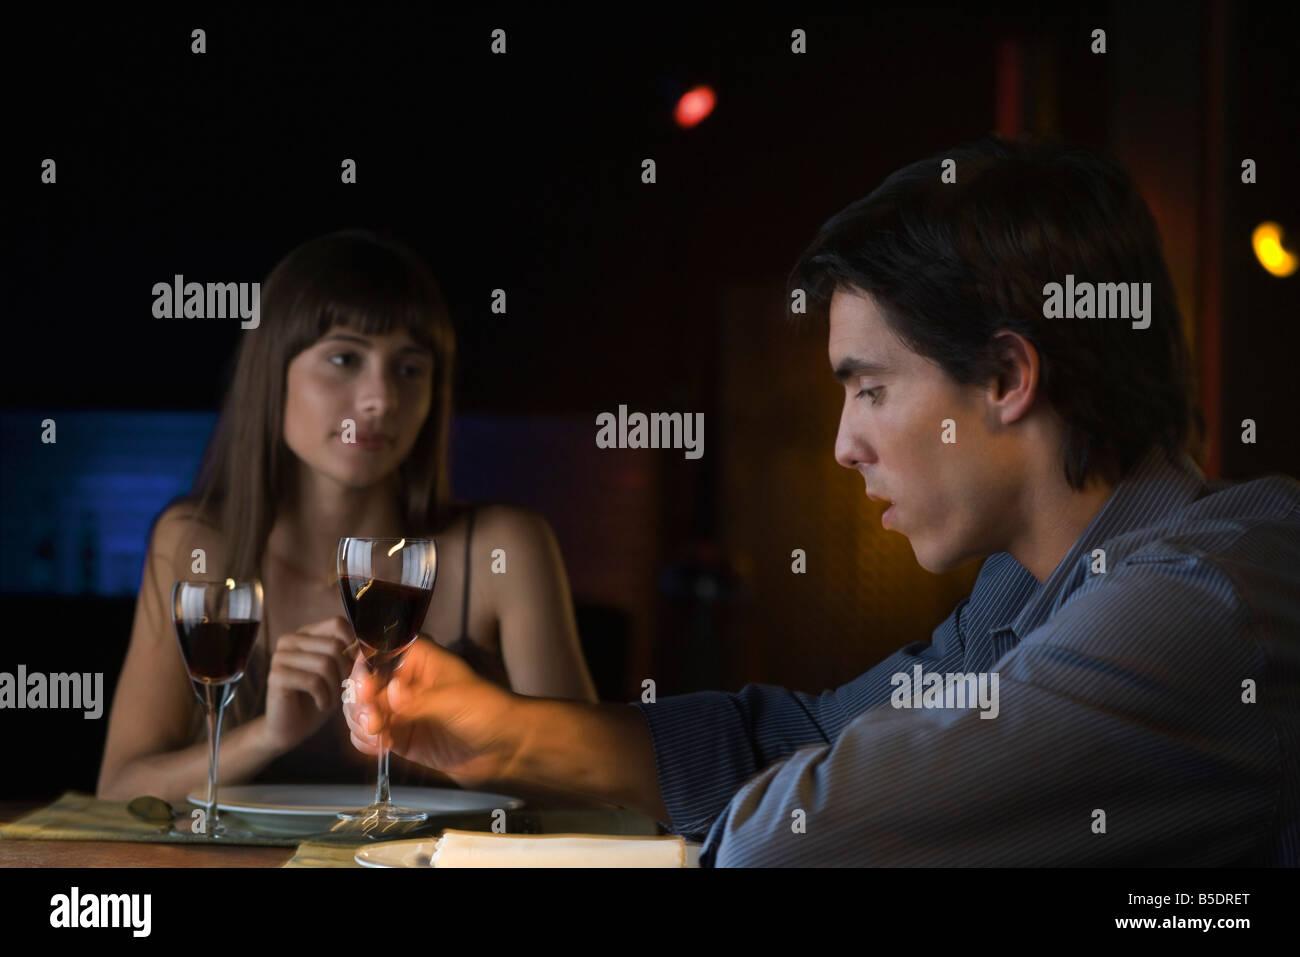 Couple having conversation sérieuse au cours d'un dîner au restaurant, l'homme prendre un verre de vin Banque D'Images